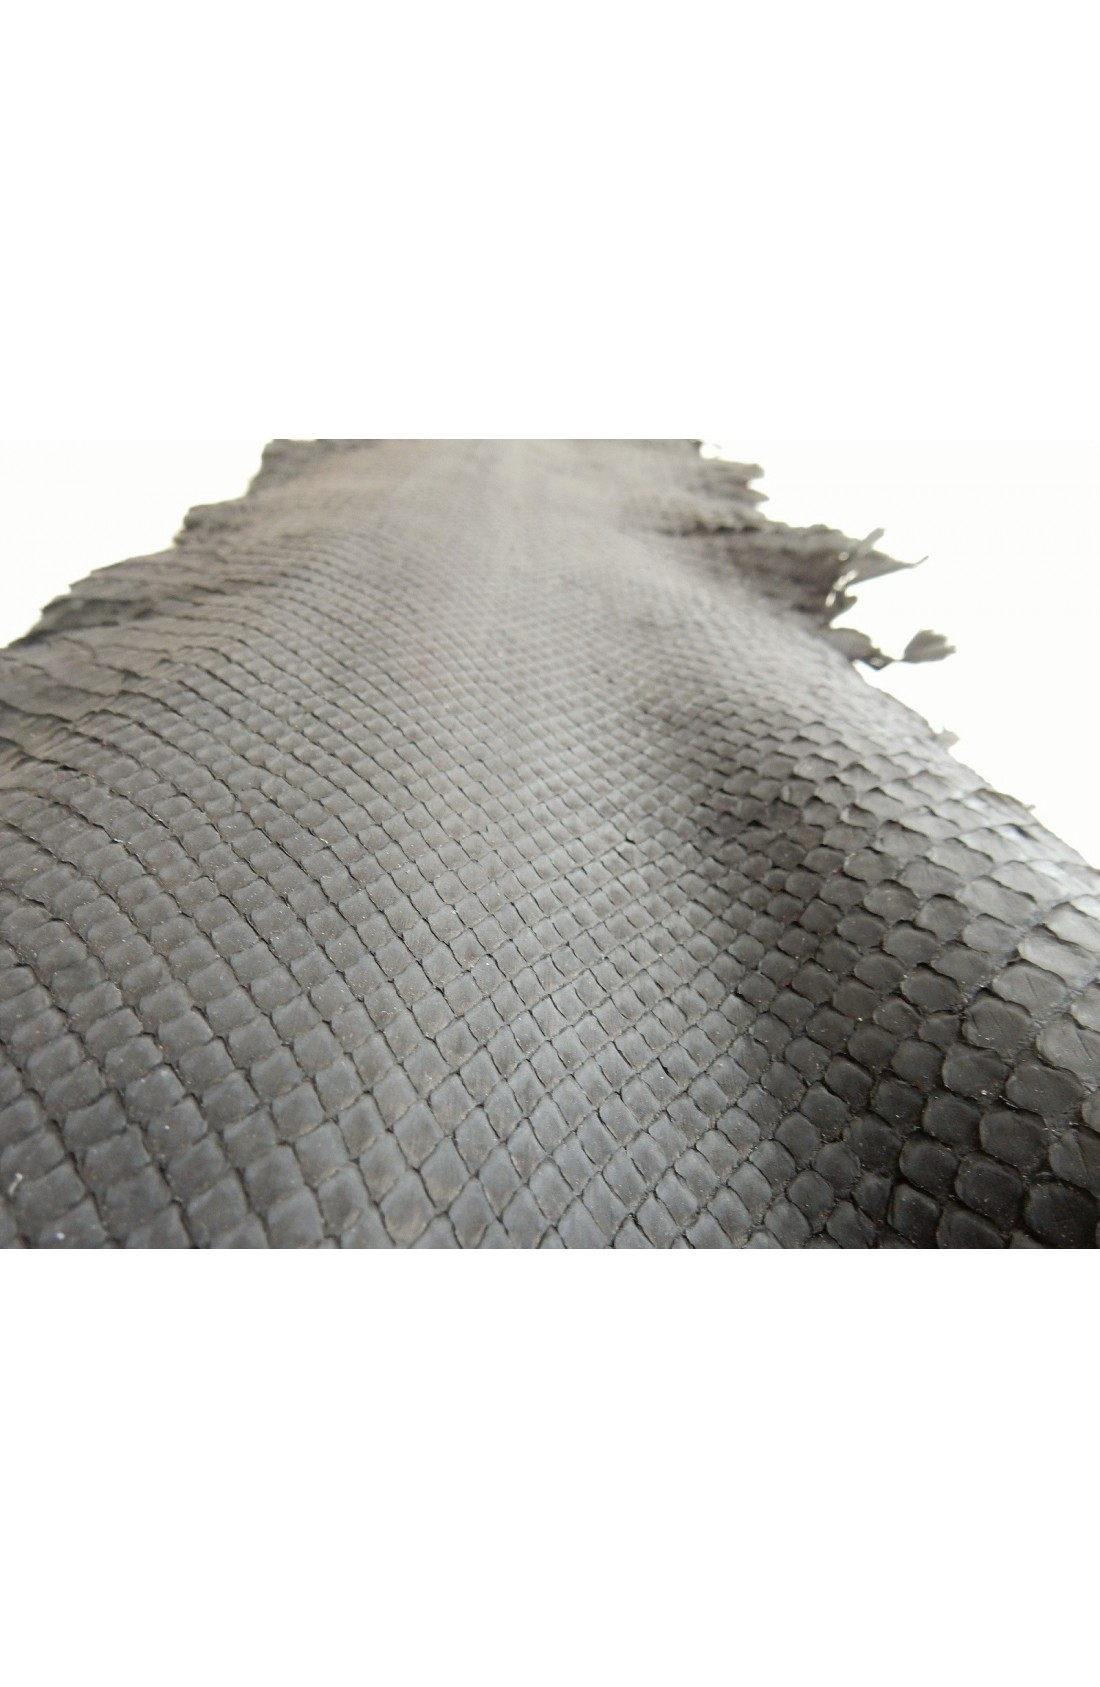 art. 22 PITONE VERO opaco decolorato smerigliato var.12 grigio polvere (2)